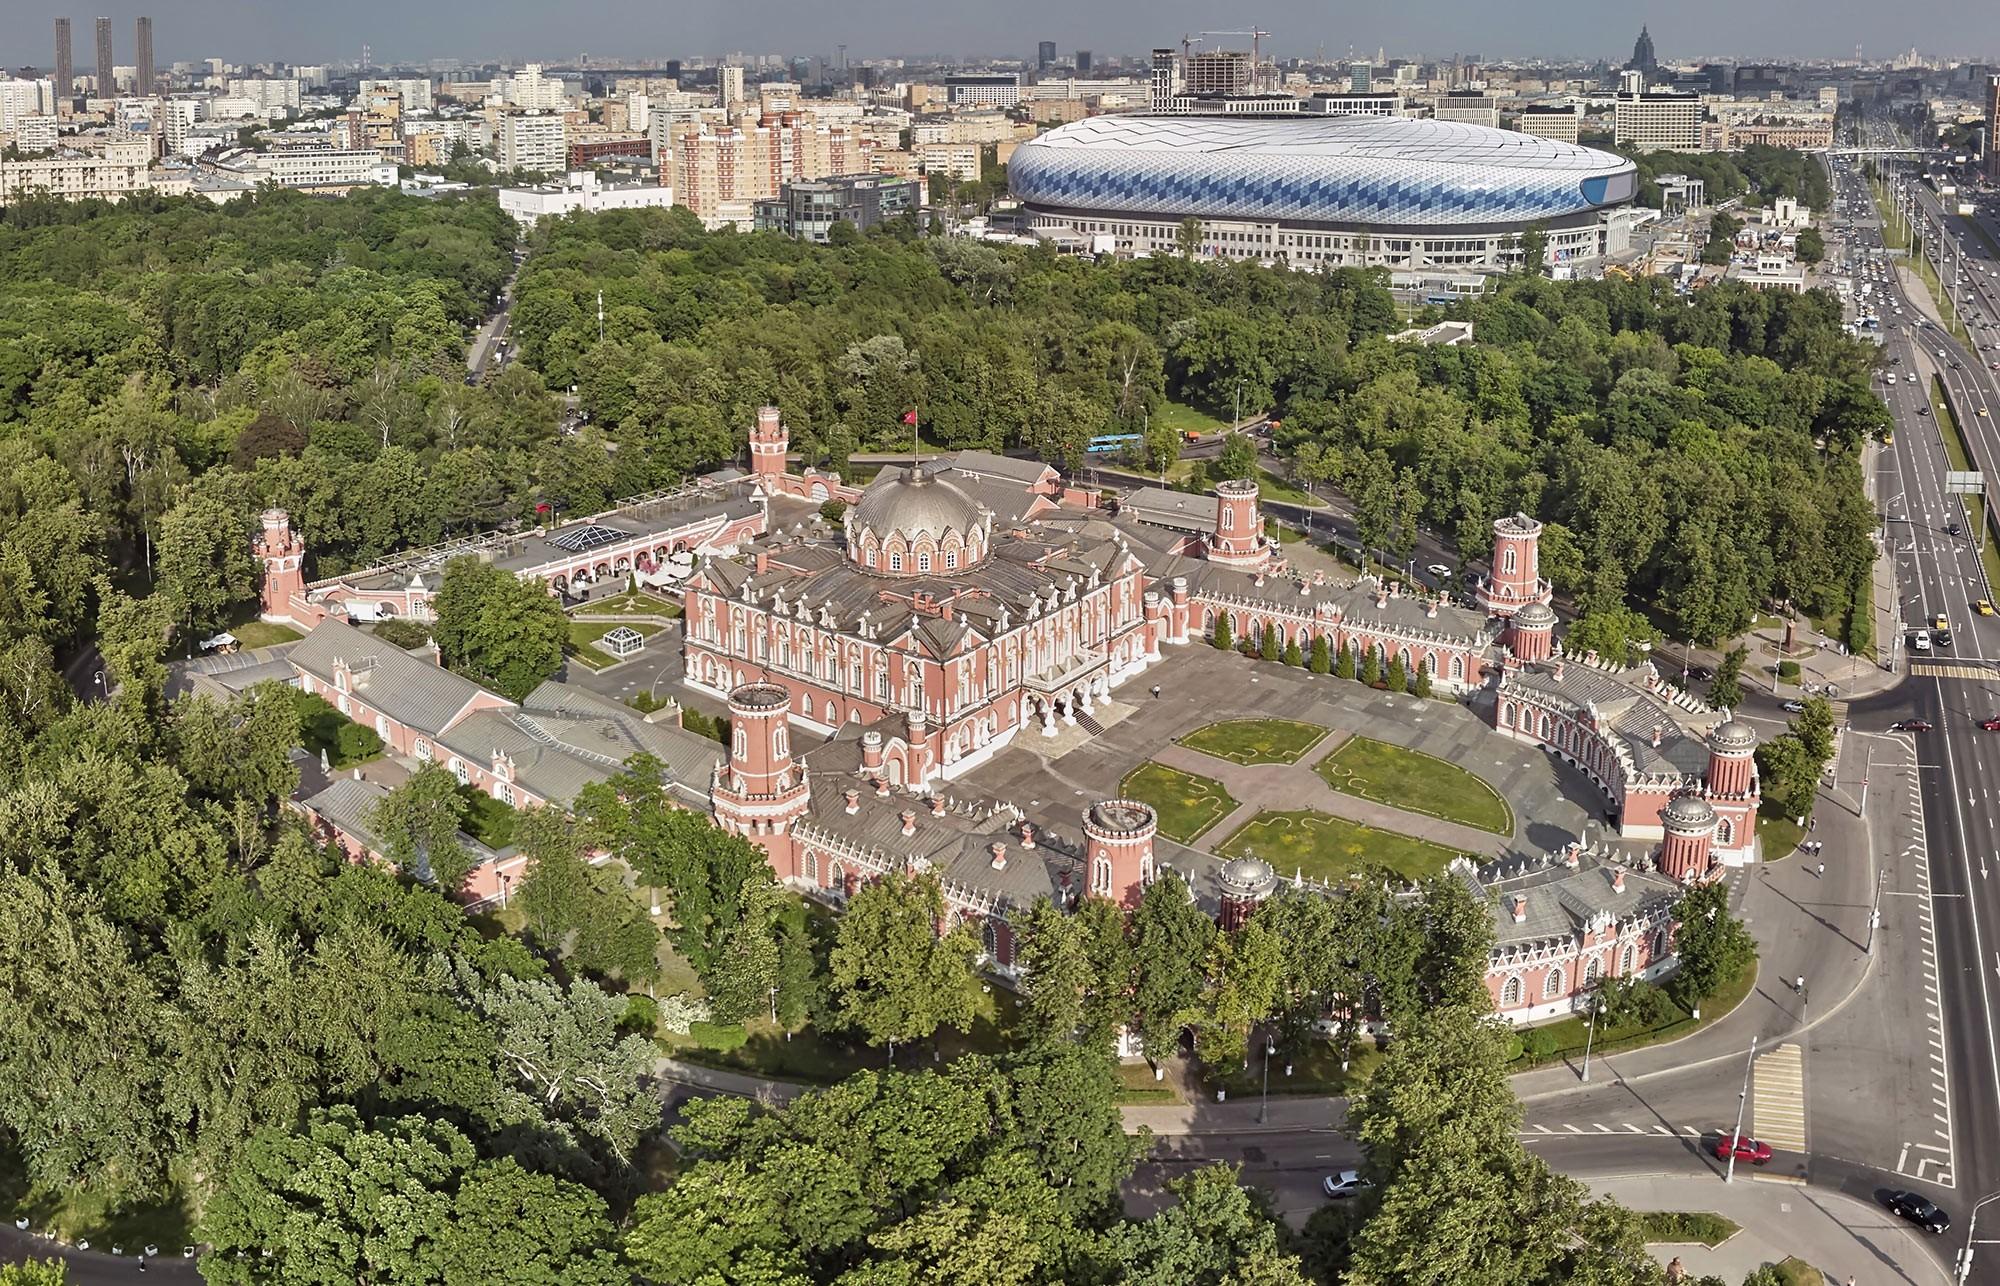 Petrowski-Putewoj-Palais, 1776-1780